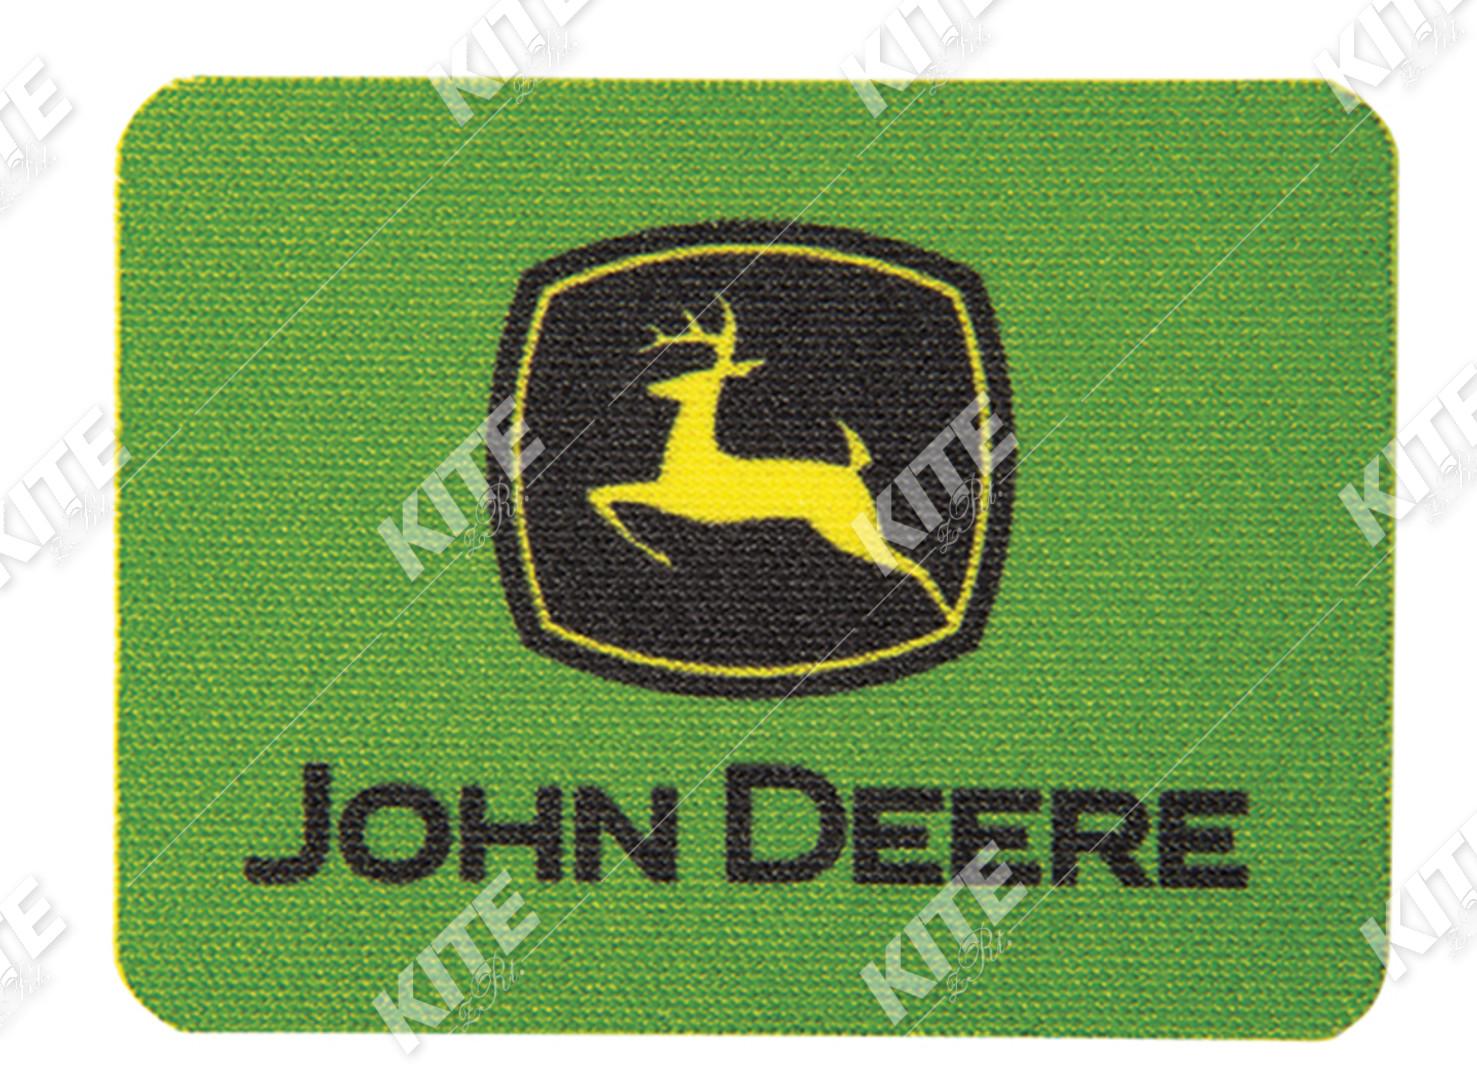 John Deere kijelzőtisztító